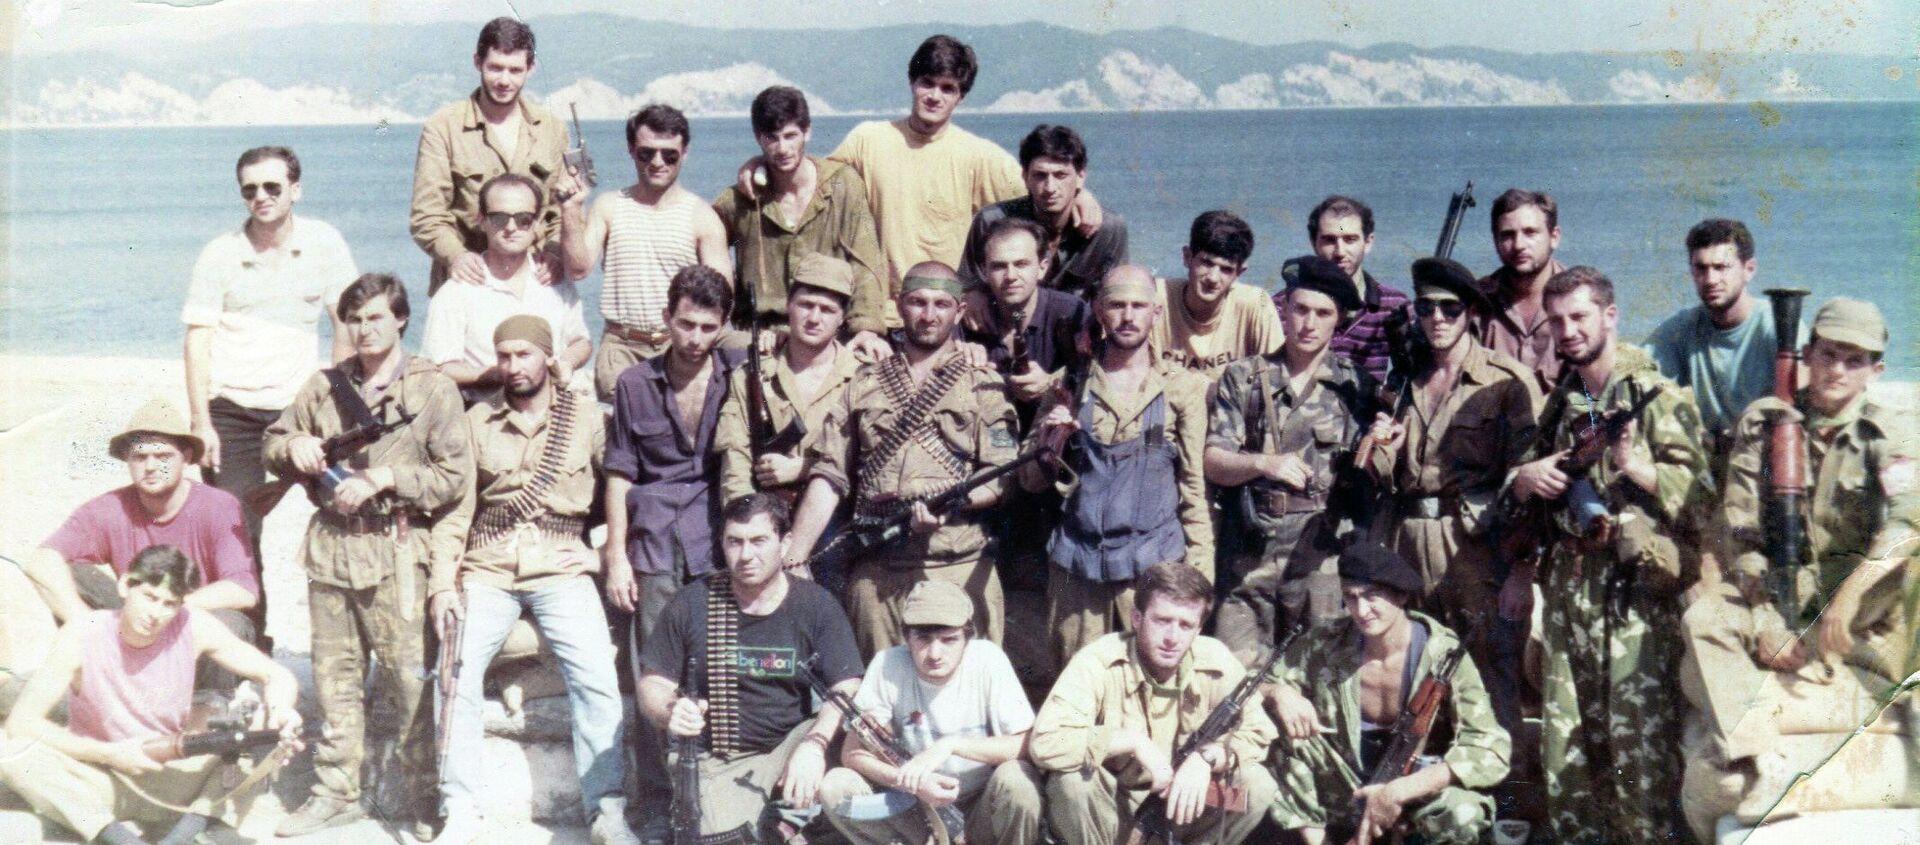 Кабардинские добровольцы и абхазские ополченцы. Пицунда 1993. - Sputnik Абхазия, 1920, 15.08.2020